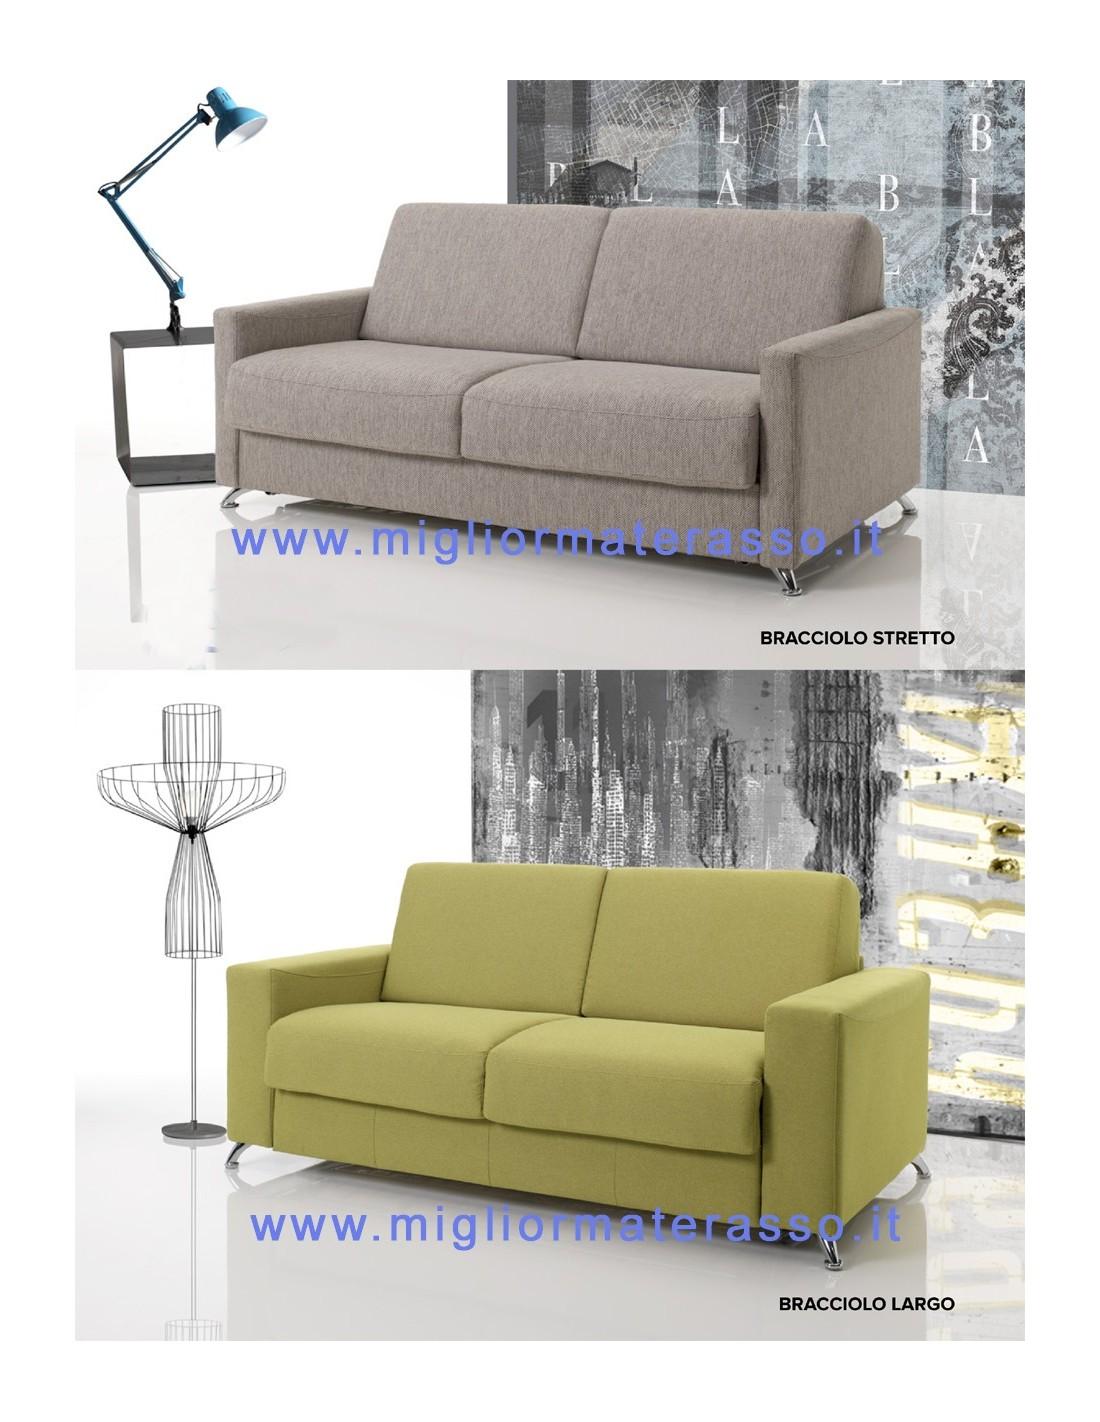 Divano letto materasso alto 17 cm un vero letto for Materassi x divano letto